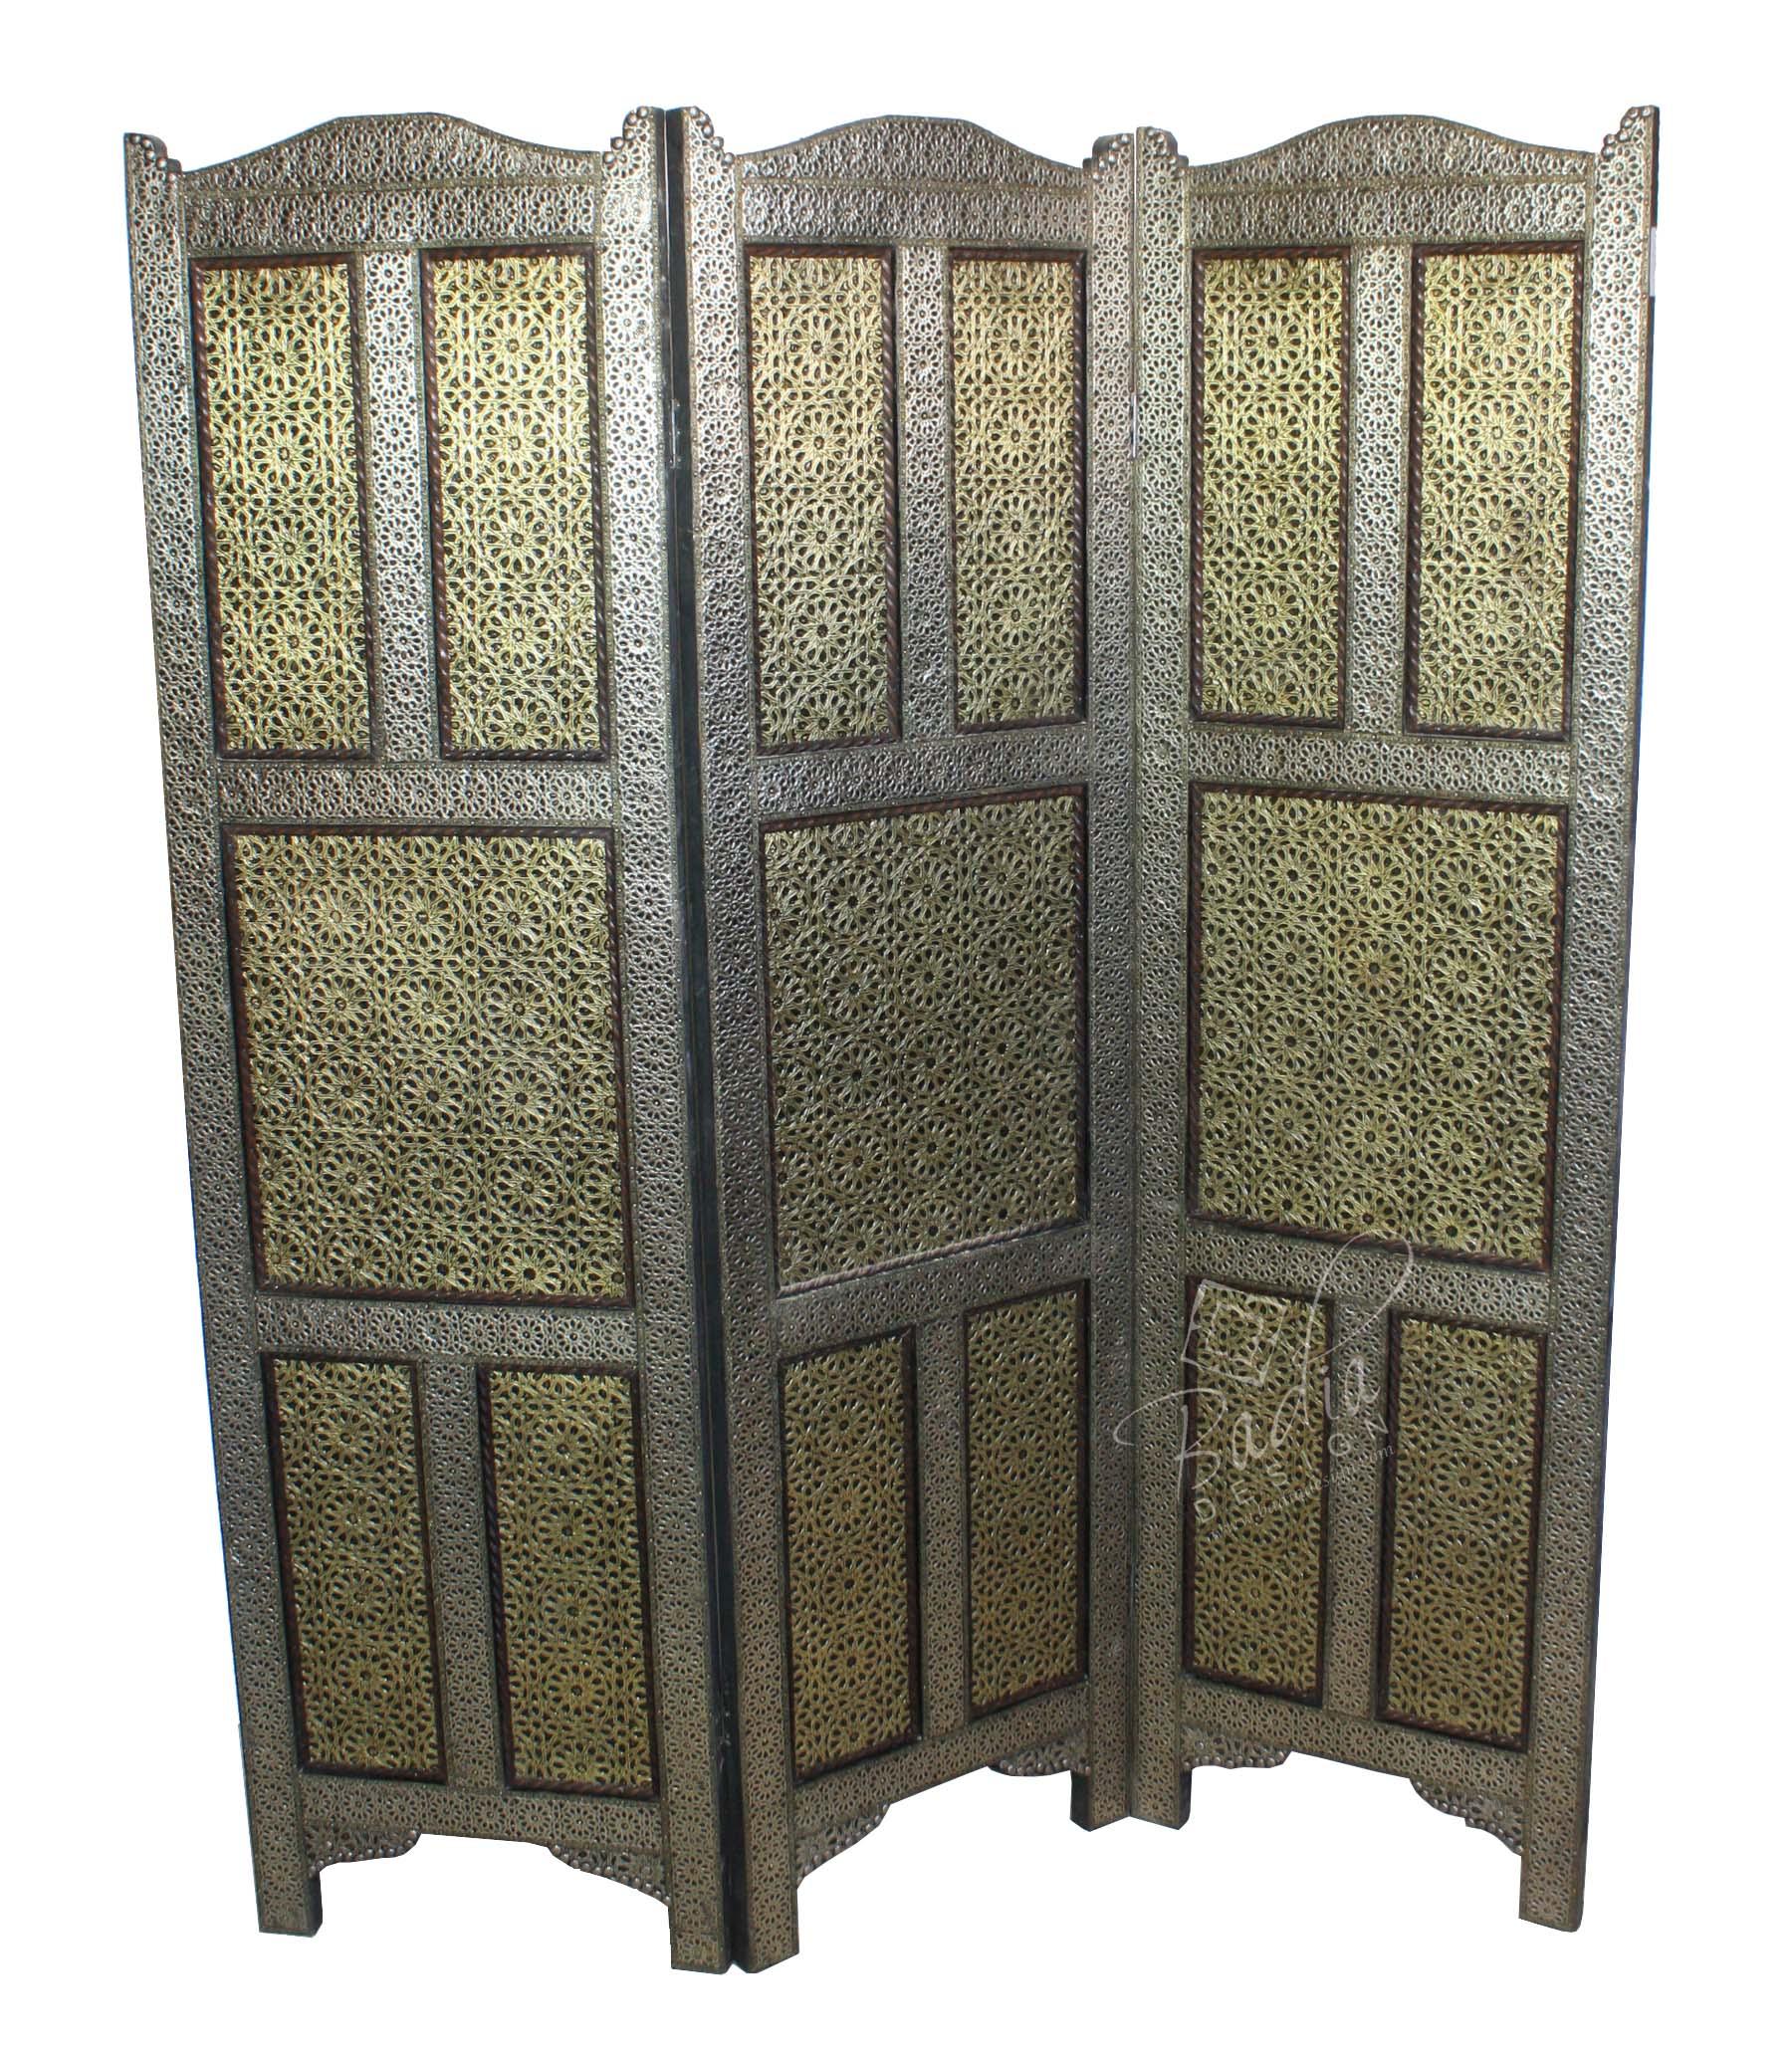 moroccan-silver-nickel-screen-divider-wpn-017.jpg